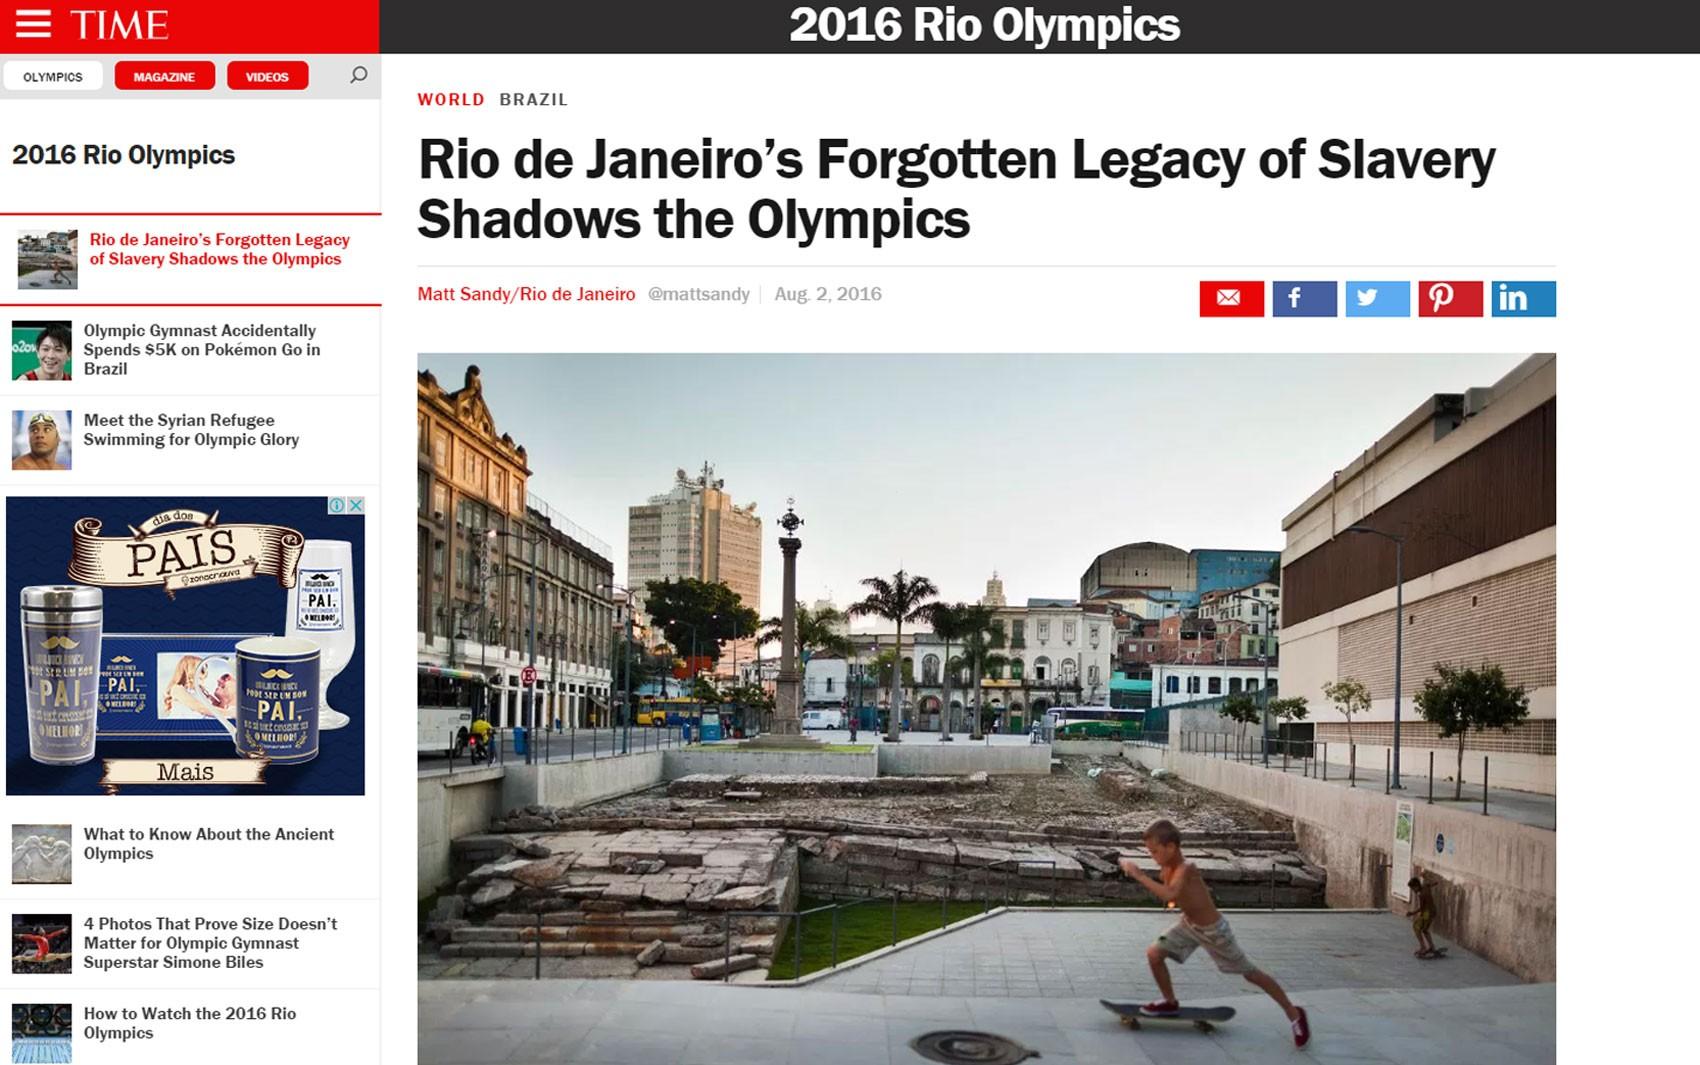 Artigo da revista 'Time' fala sobre o legado esquecido da escravidão no Rio de Janeiro